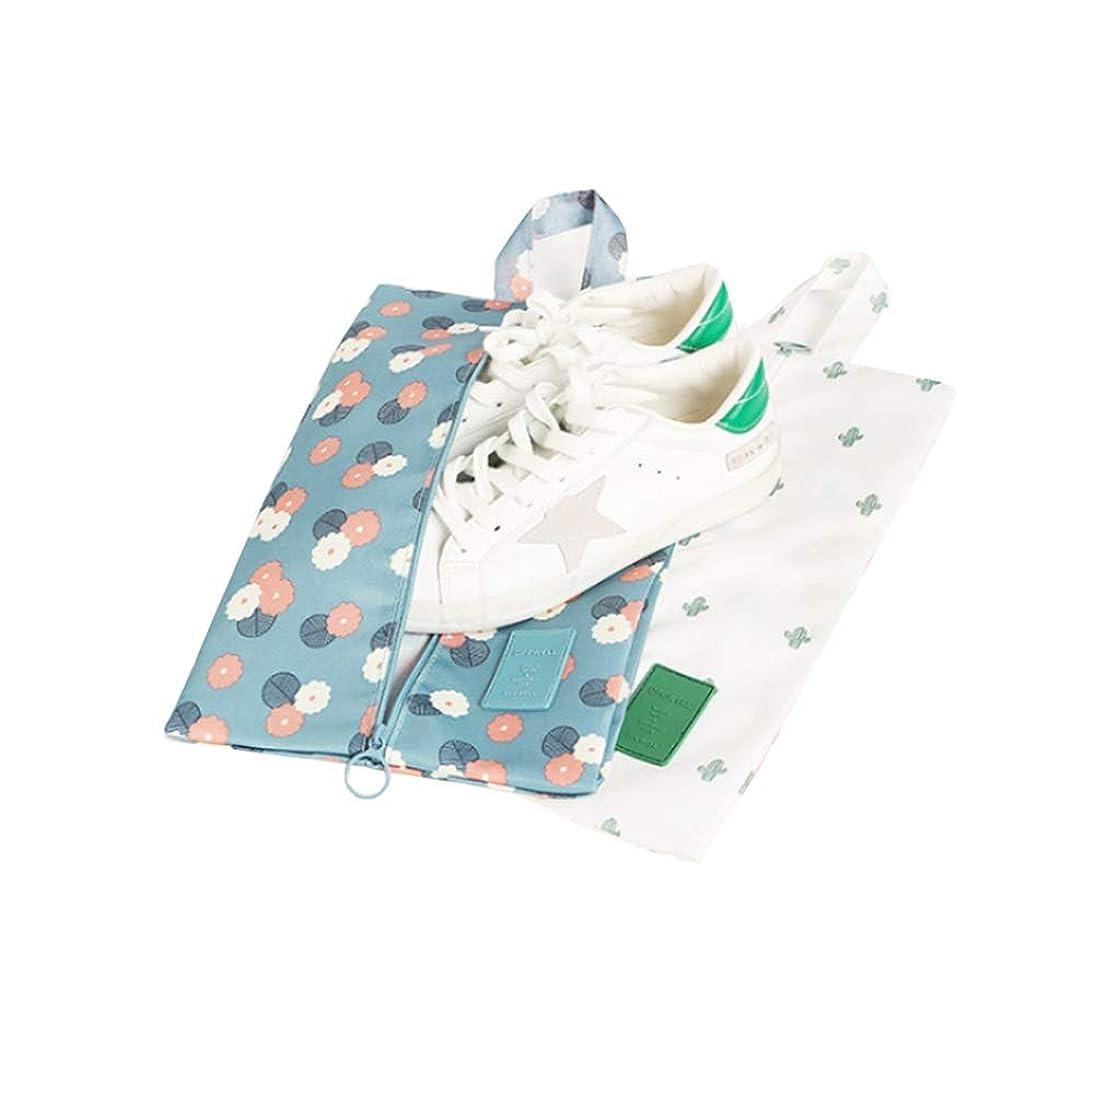 気質困った選挙旅行のためのジッパーバッグ、トラベル、旅行靴主催、服保存袋、ジム、ポータブル旅行靴バッグ、2パックの靴袋、7.9×13.4inch用パッキングバッグ (色 : Multi-colored, サイズ : 7.9×13.4inch)